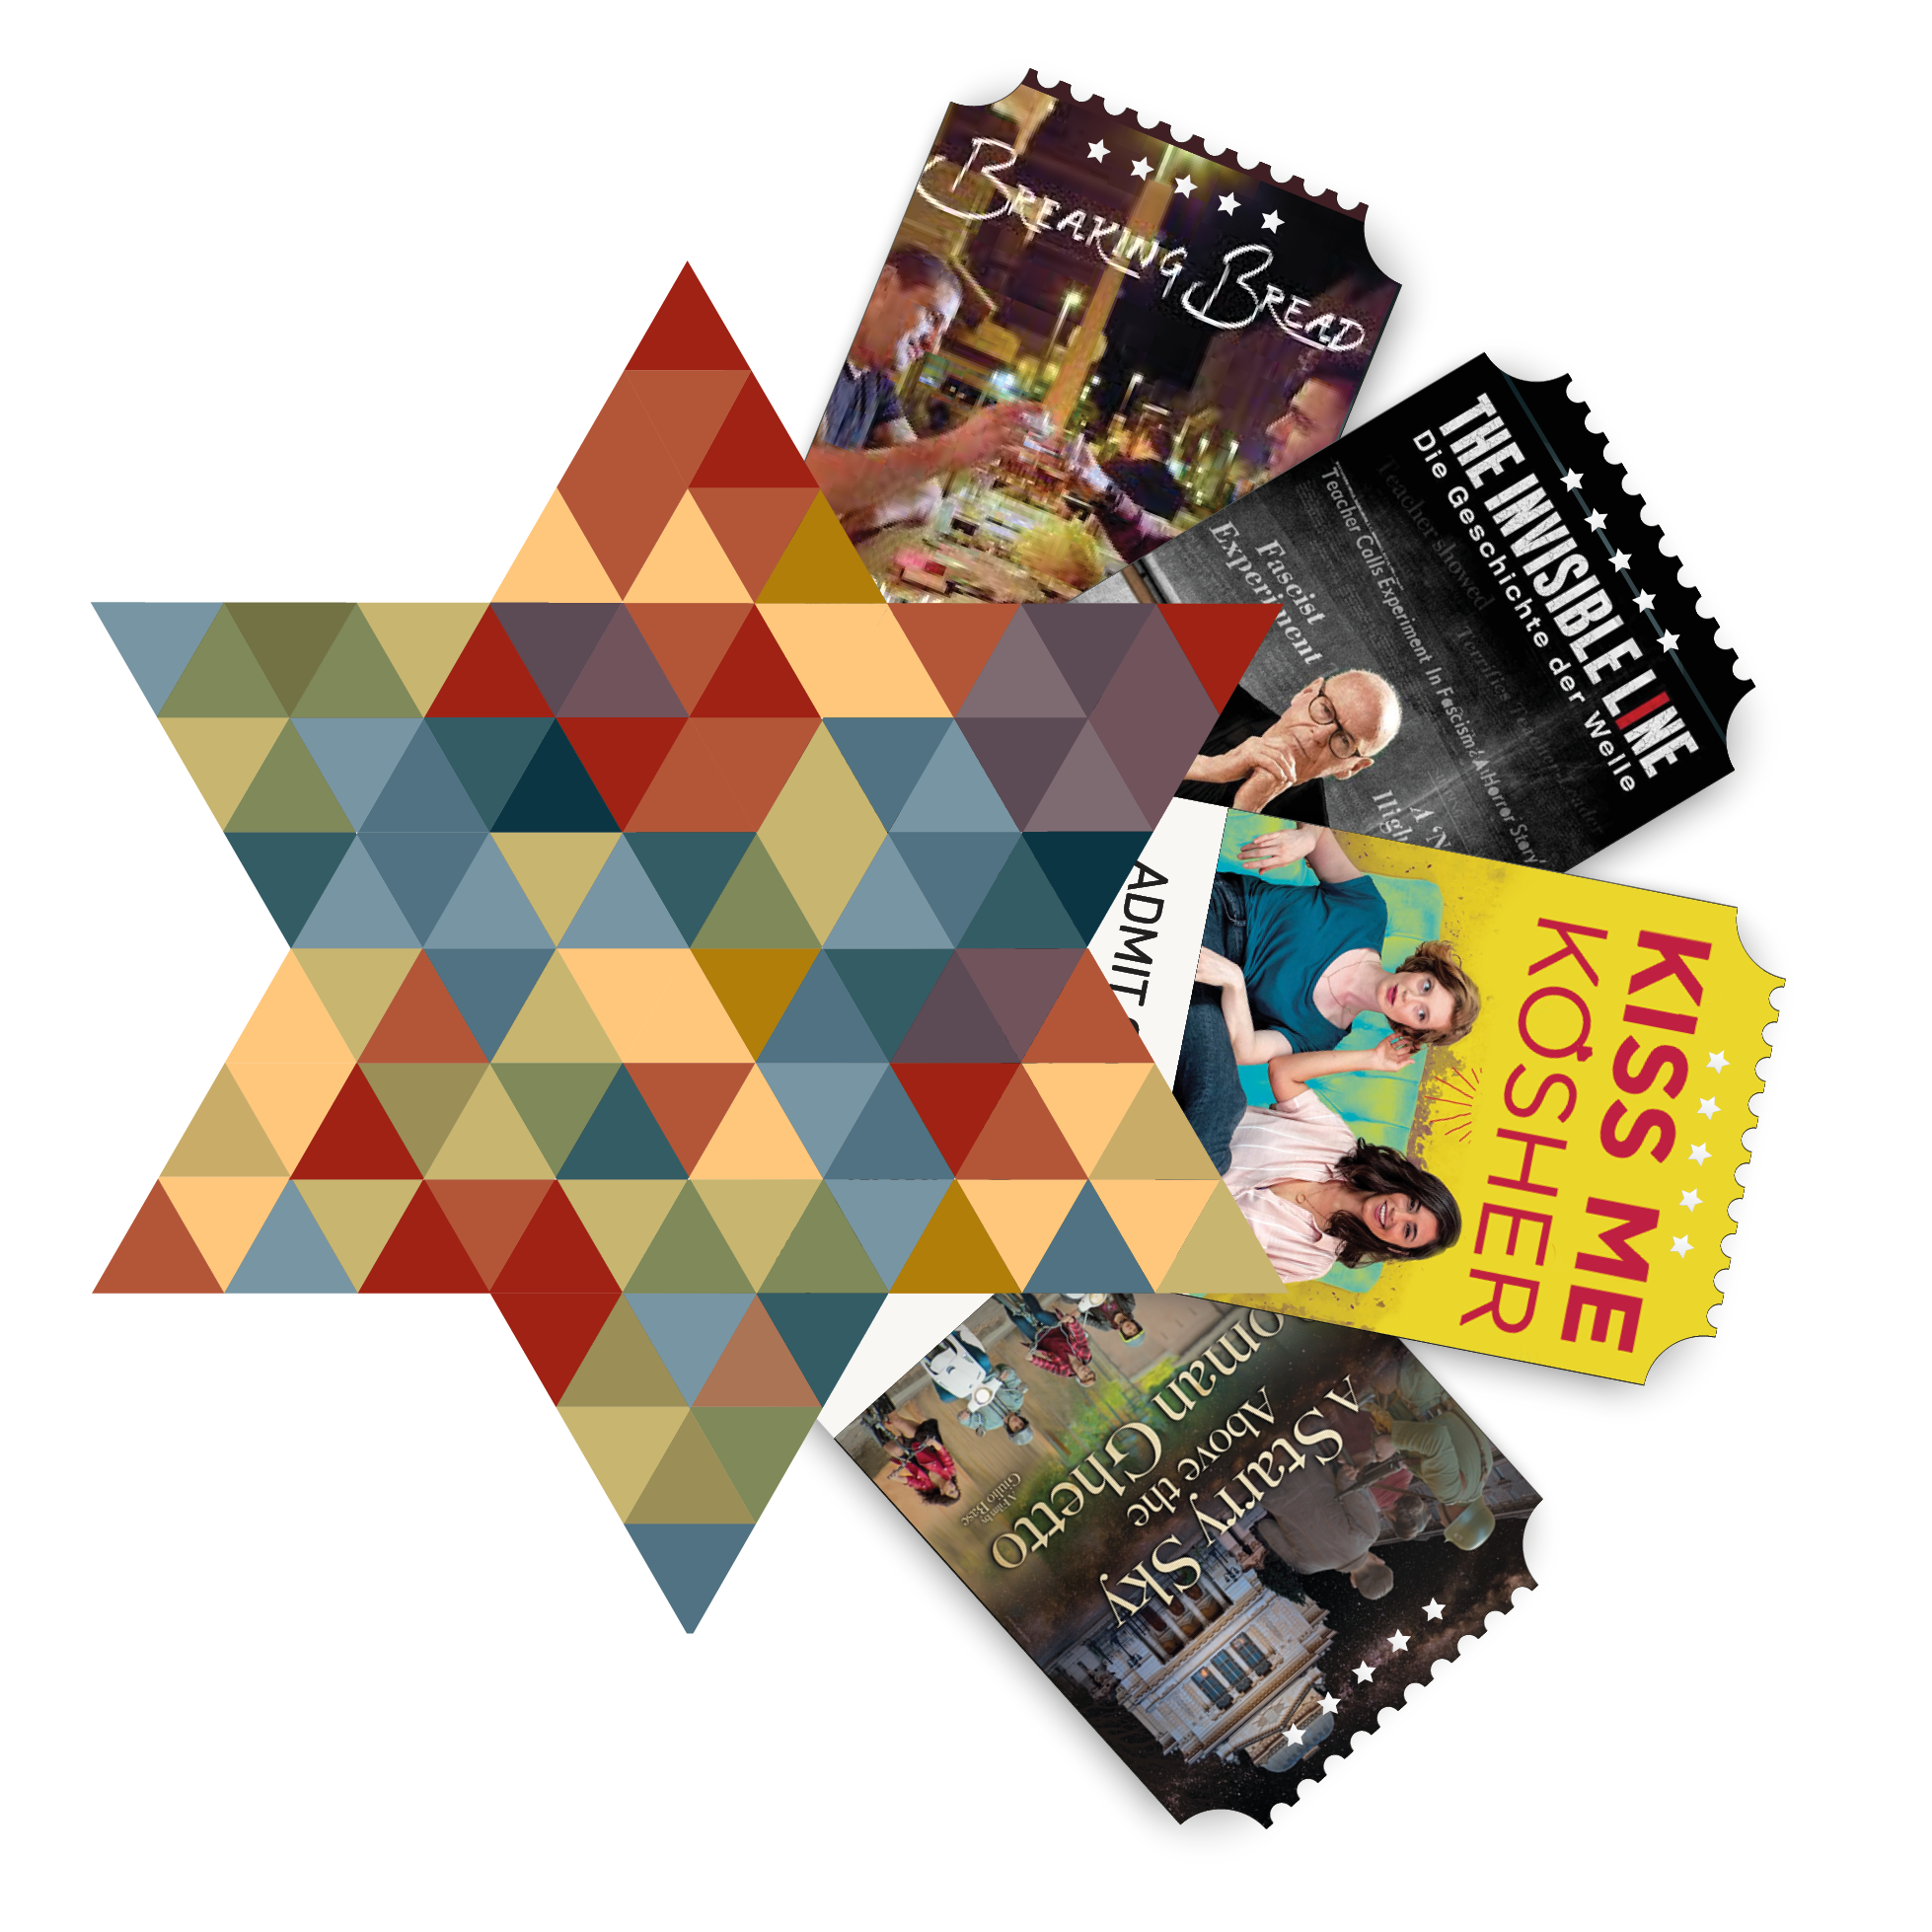 Michiana Jewish Film Festival